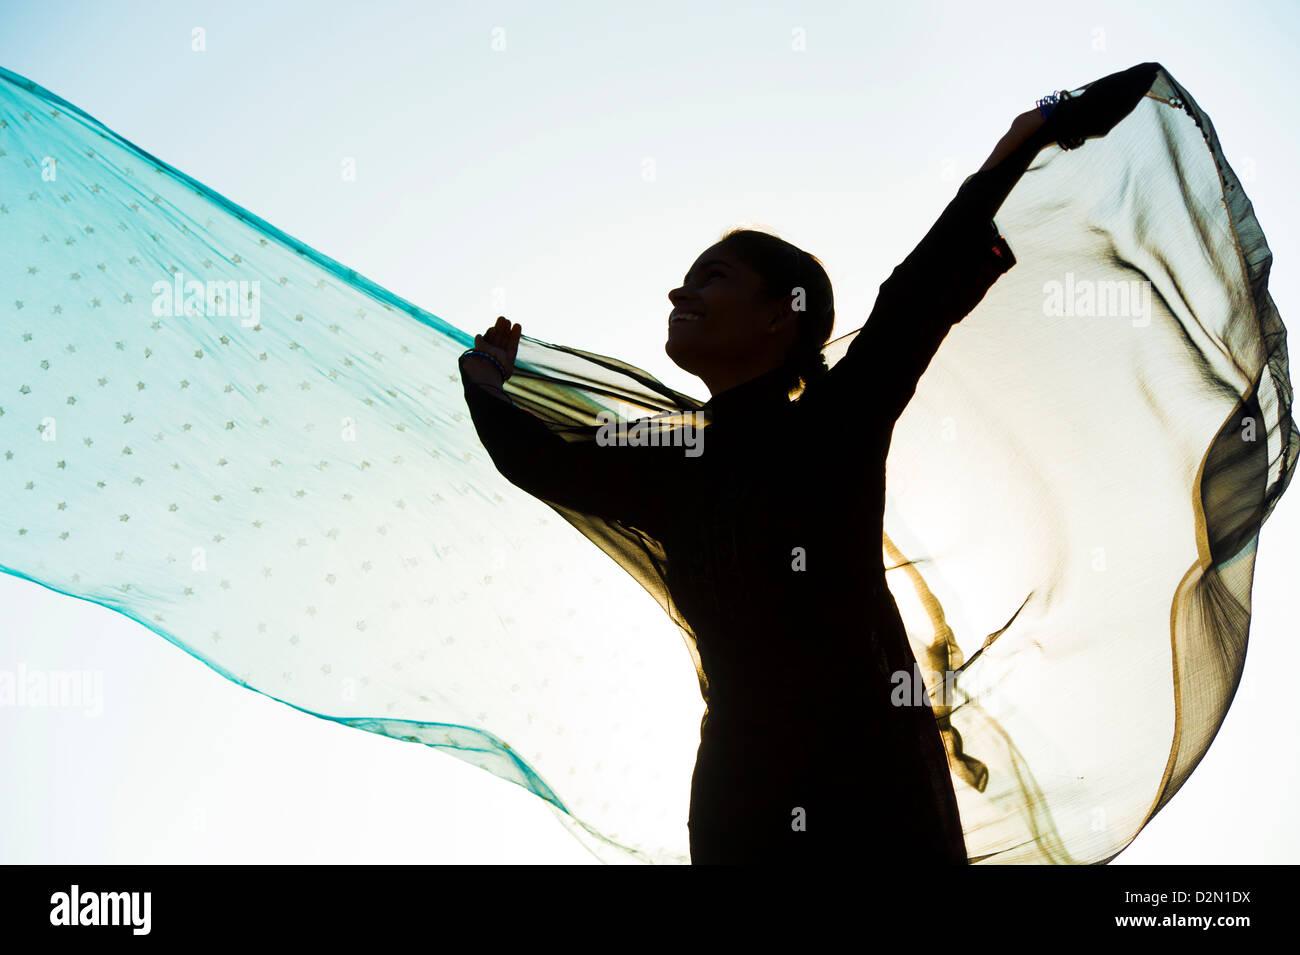 Fille indienne avec des voiles dans le vent tourne vers le soleil. Silhouette. L'Inde Photo Stock